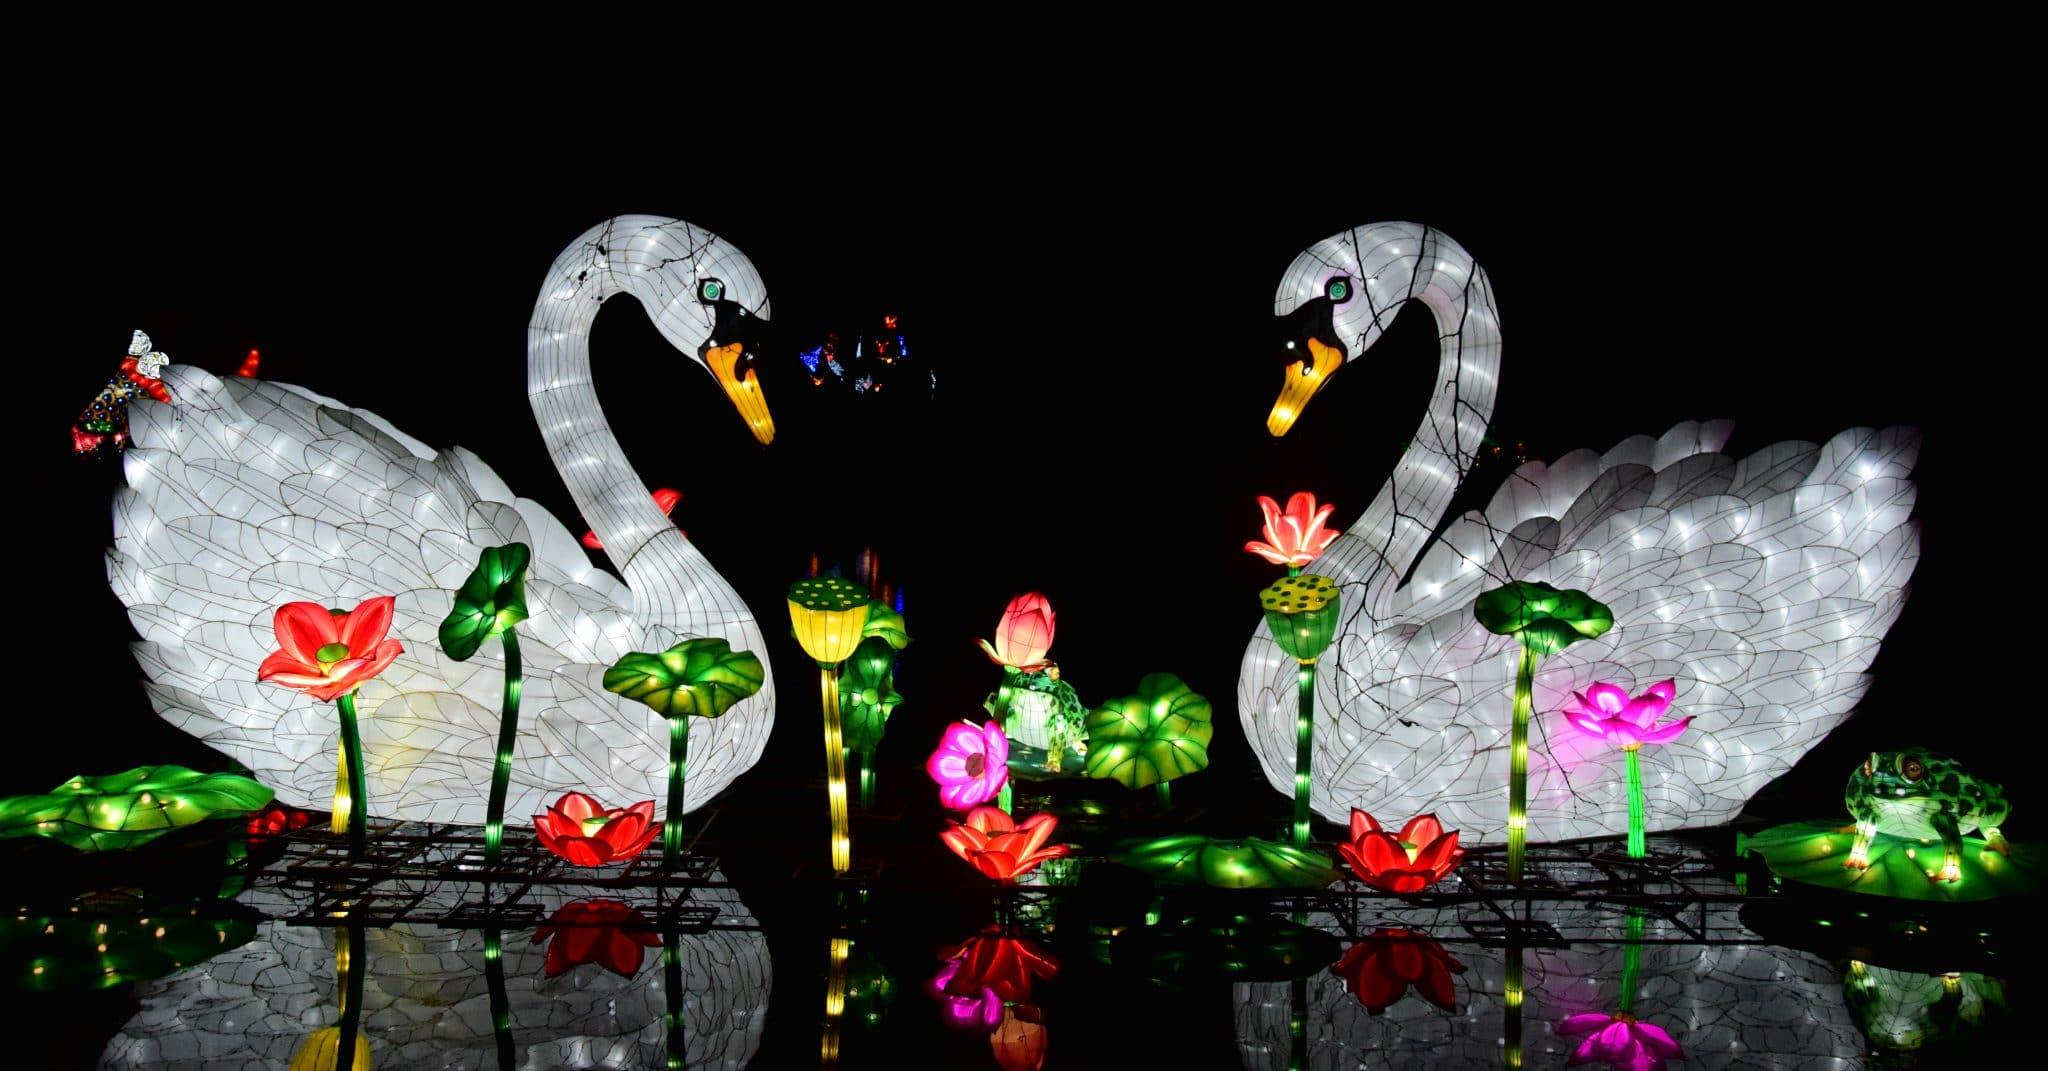 Rheinerlei beim China Light Festival